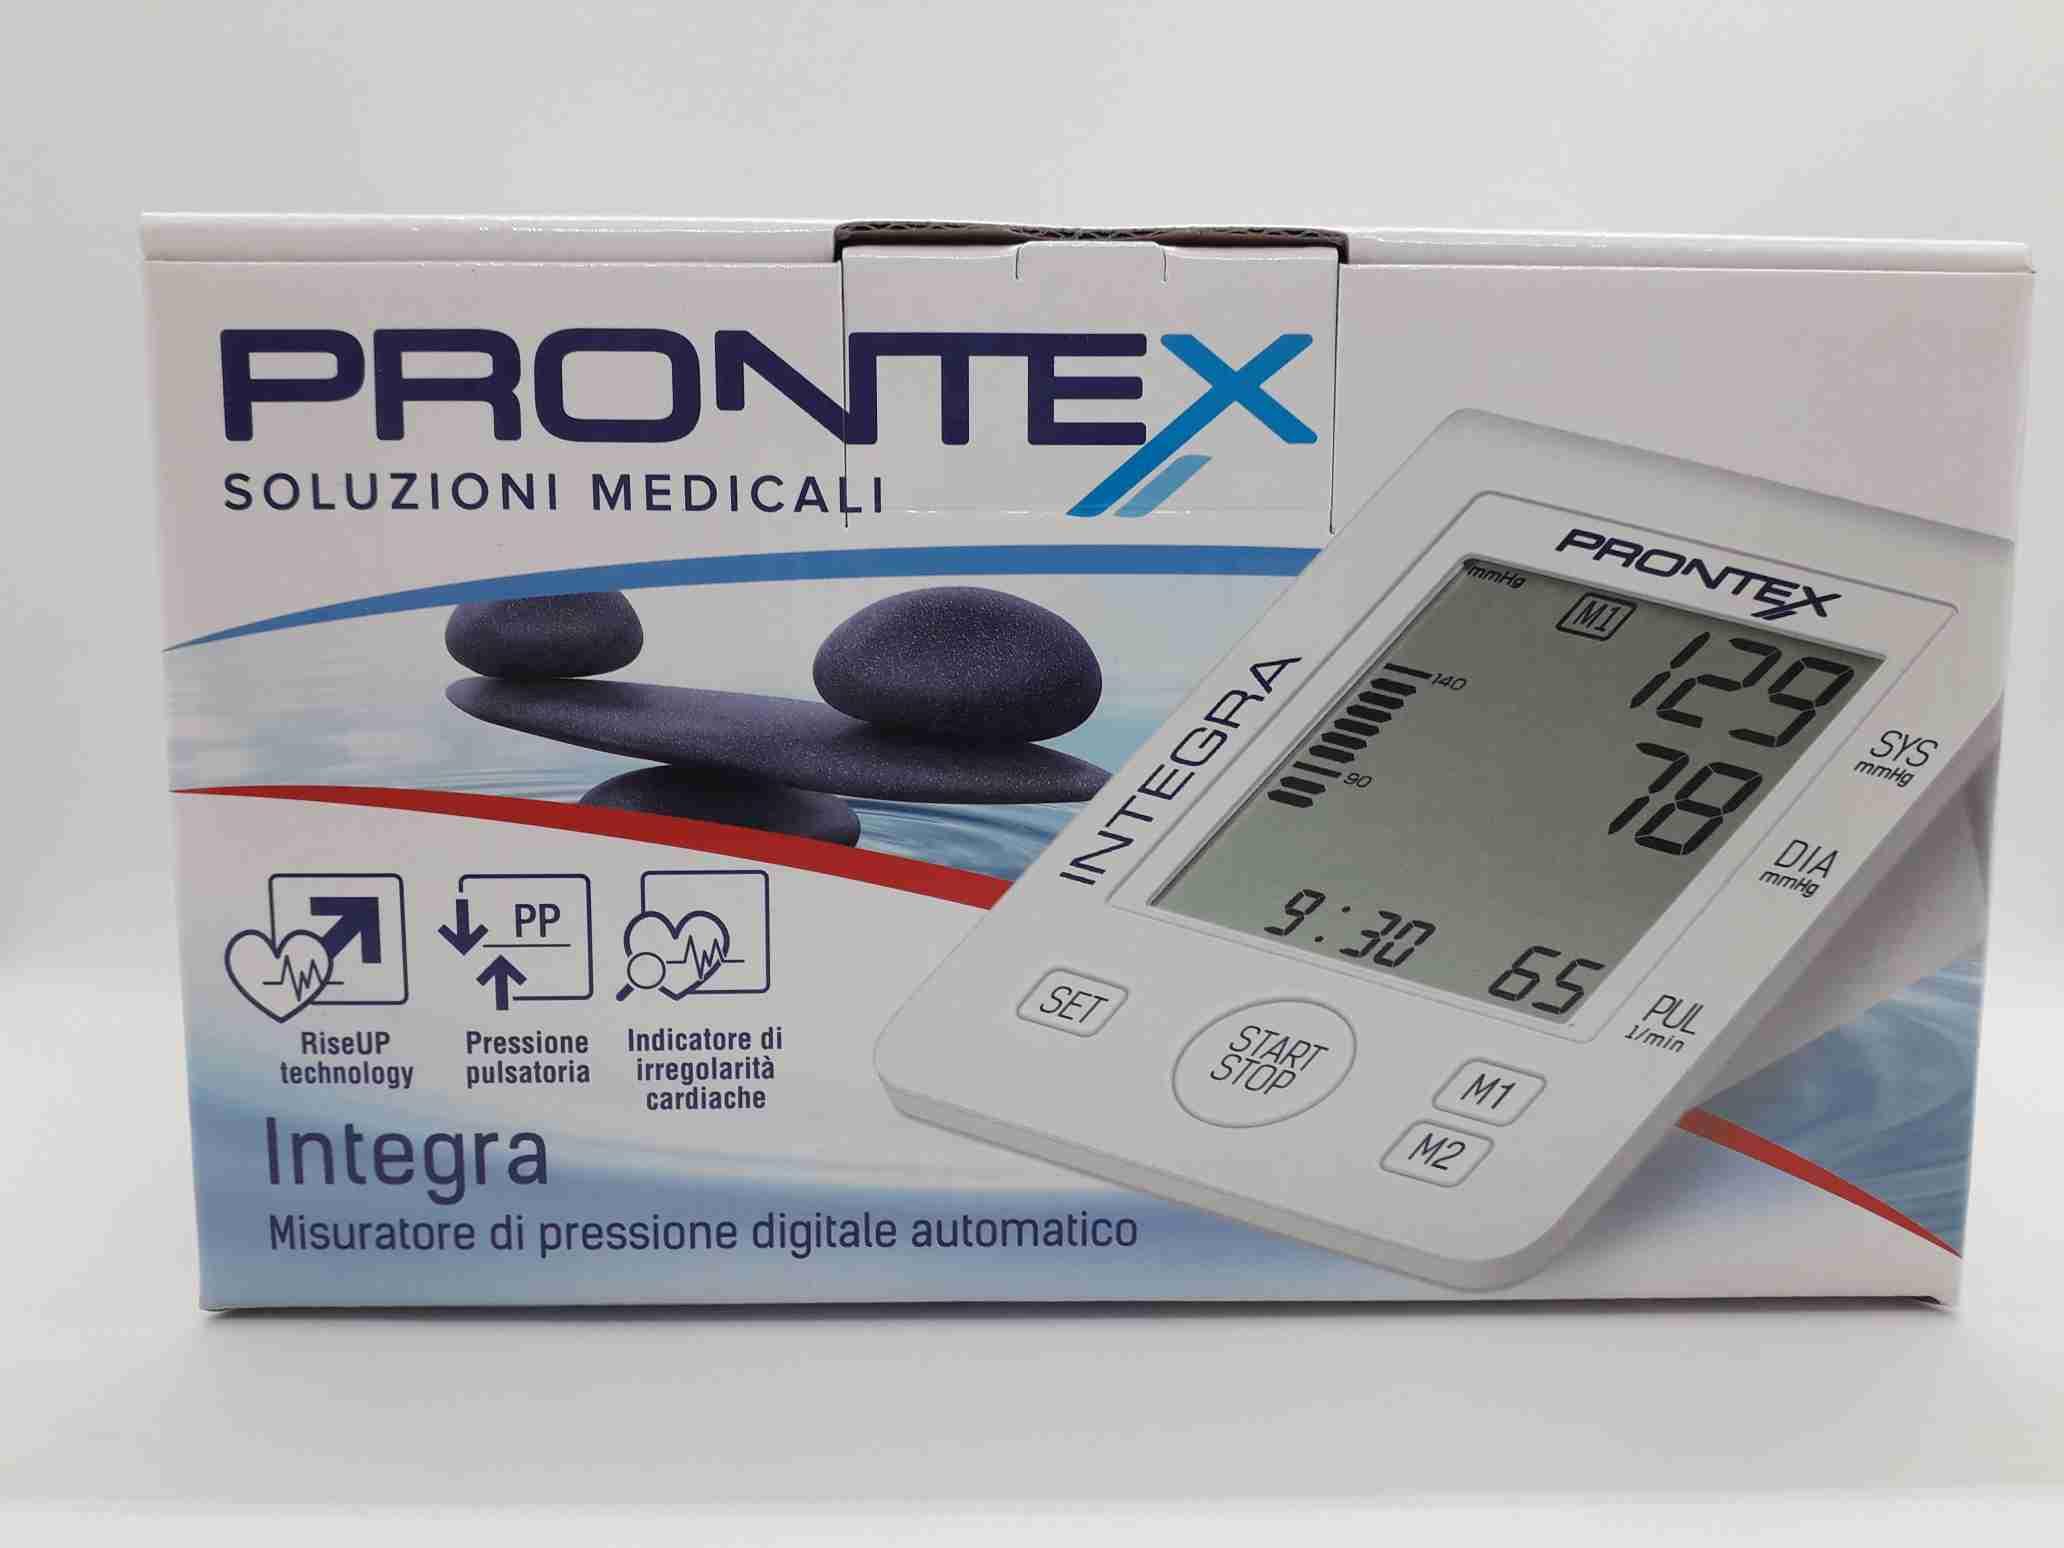 MISURATORE DI PRESSIONE DIGITALE PRONTEX INTEGRA AUTOMATICO - Farmaciaempatica.it